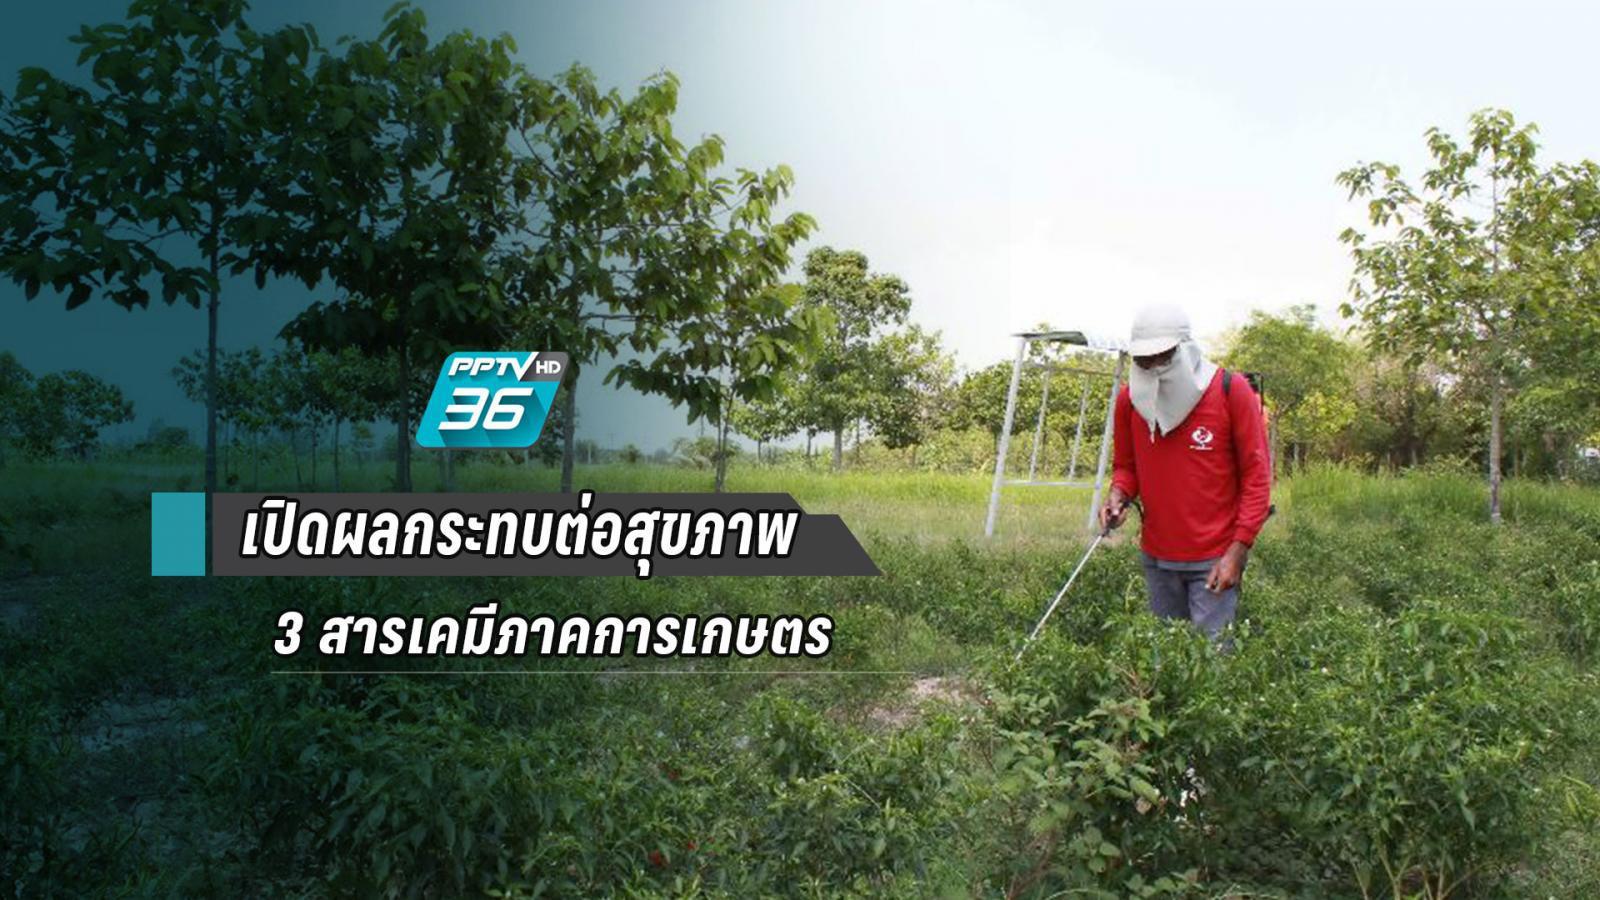 เปิดข้อมูลผลกระทบสุขภาพ 3 สารเคมีภาคการเกษตร